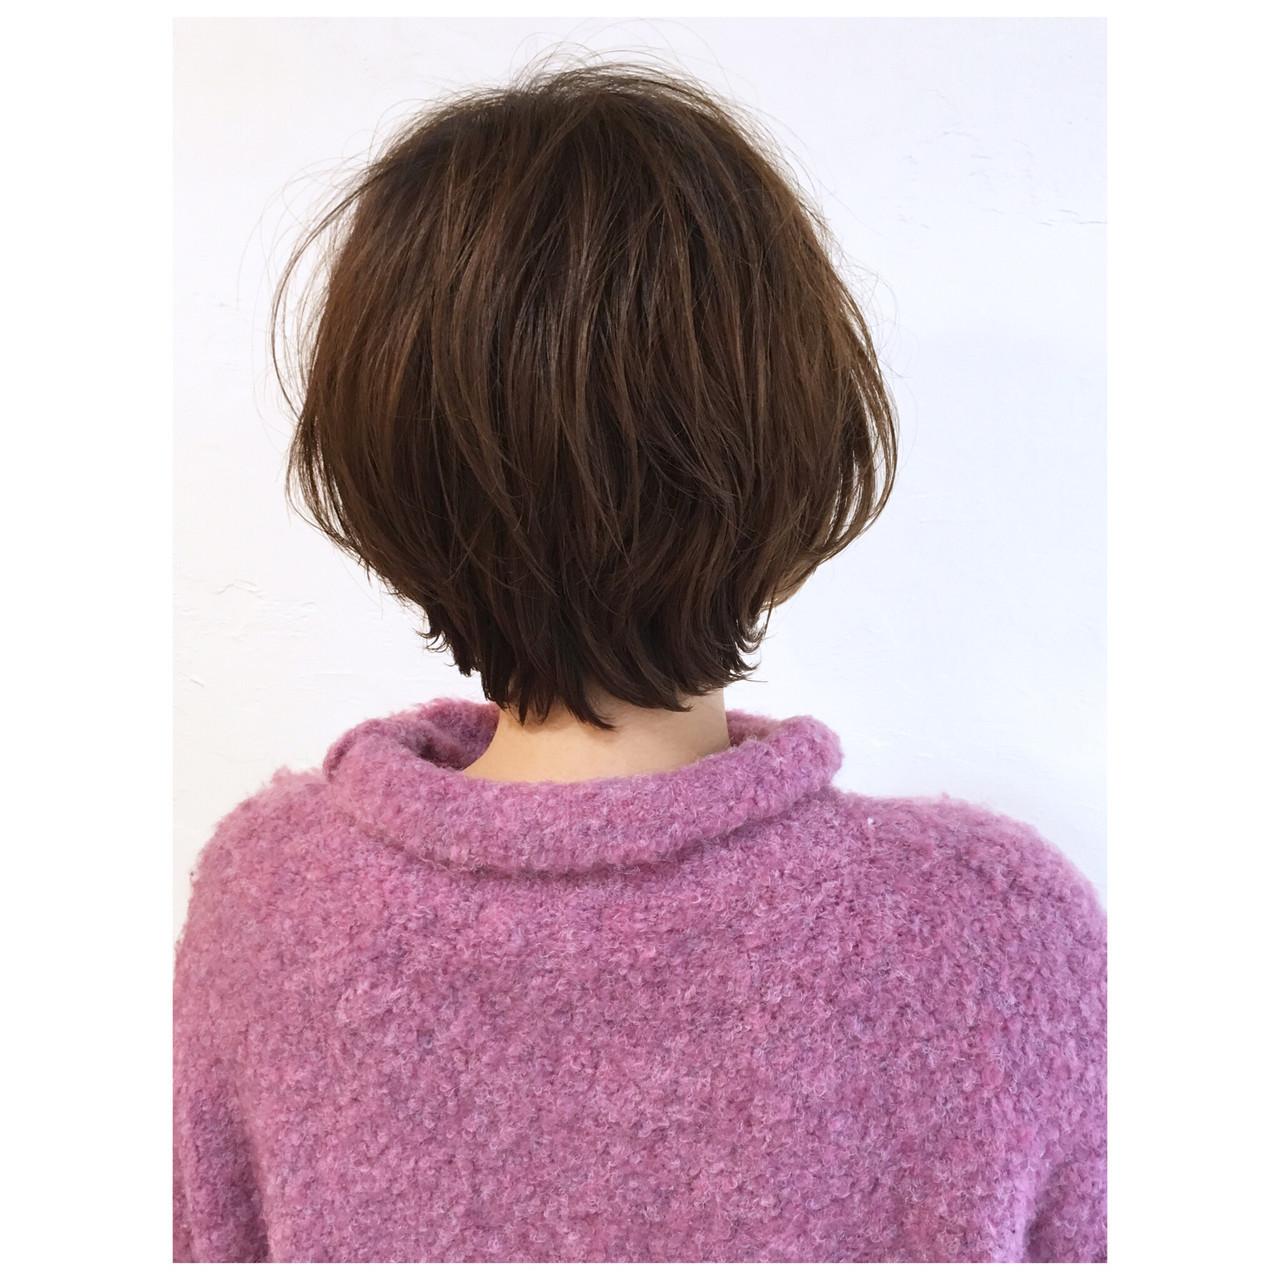 パーマ ショート ショートヘア ショートボブ ヘアスタイルや髪型の写真・画像